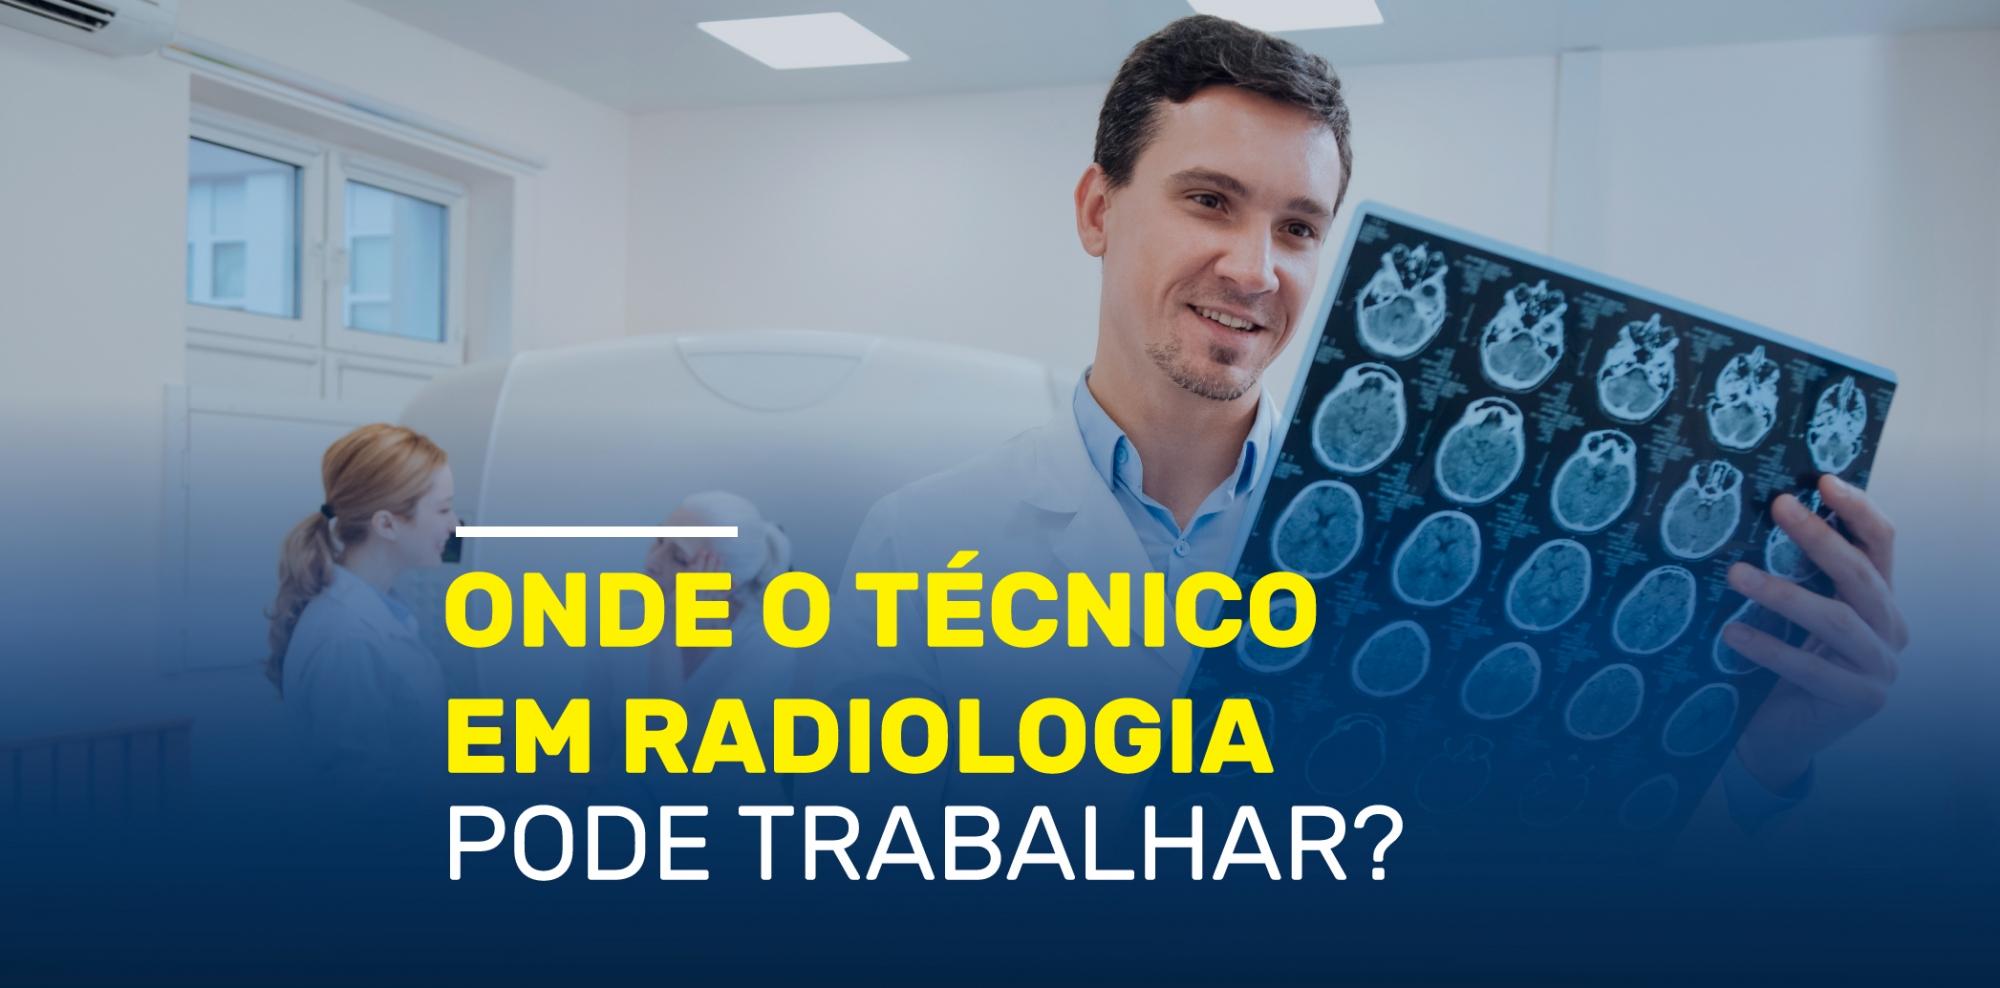 Onde técnico em radiologia pode trabalhar?